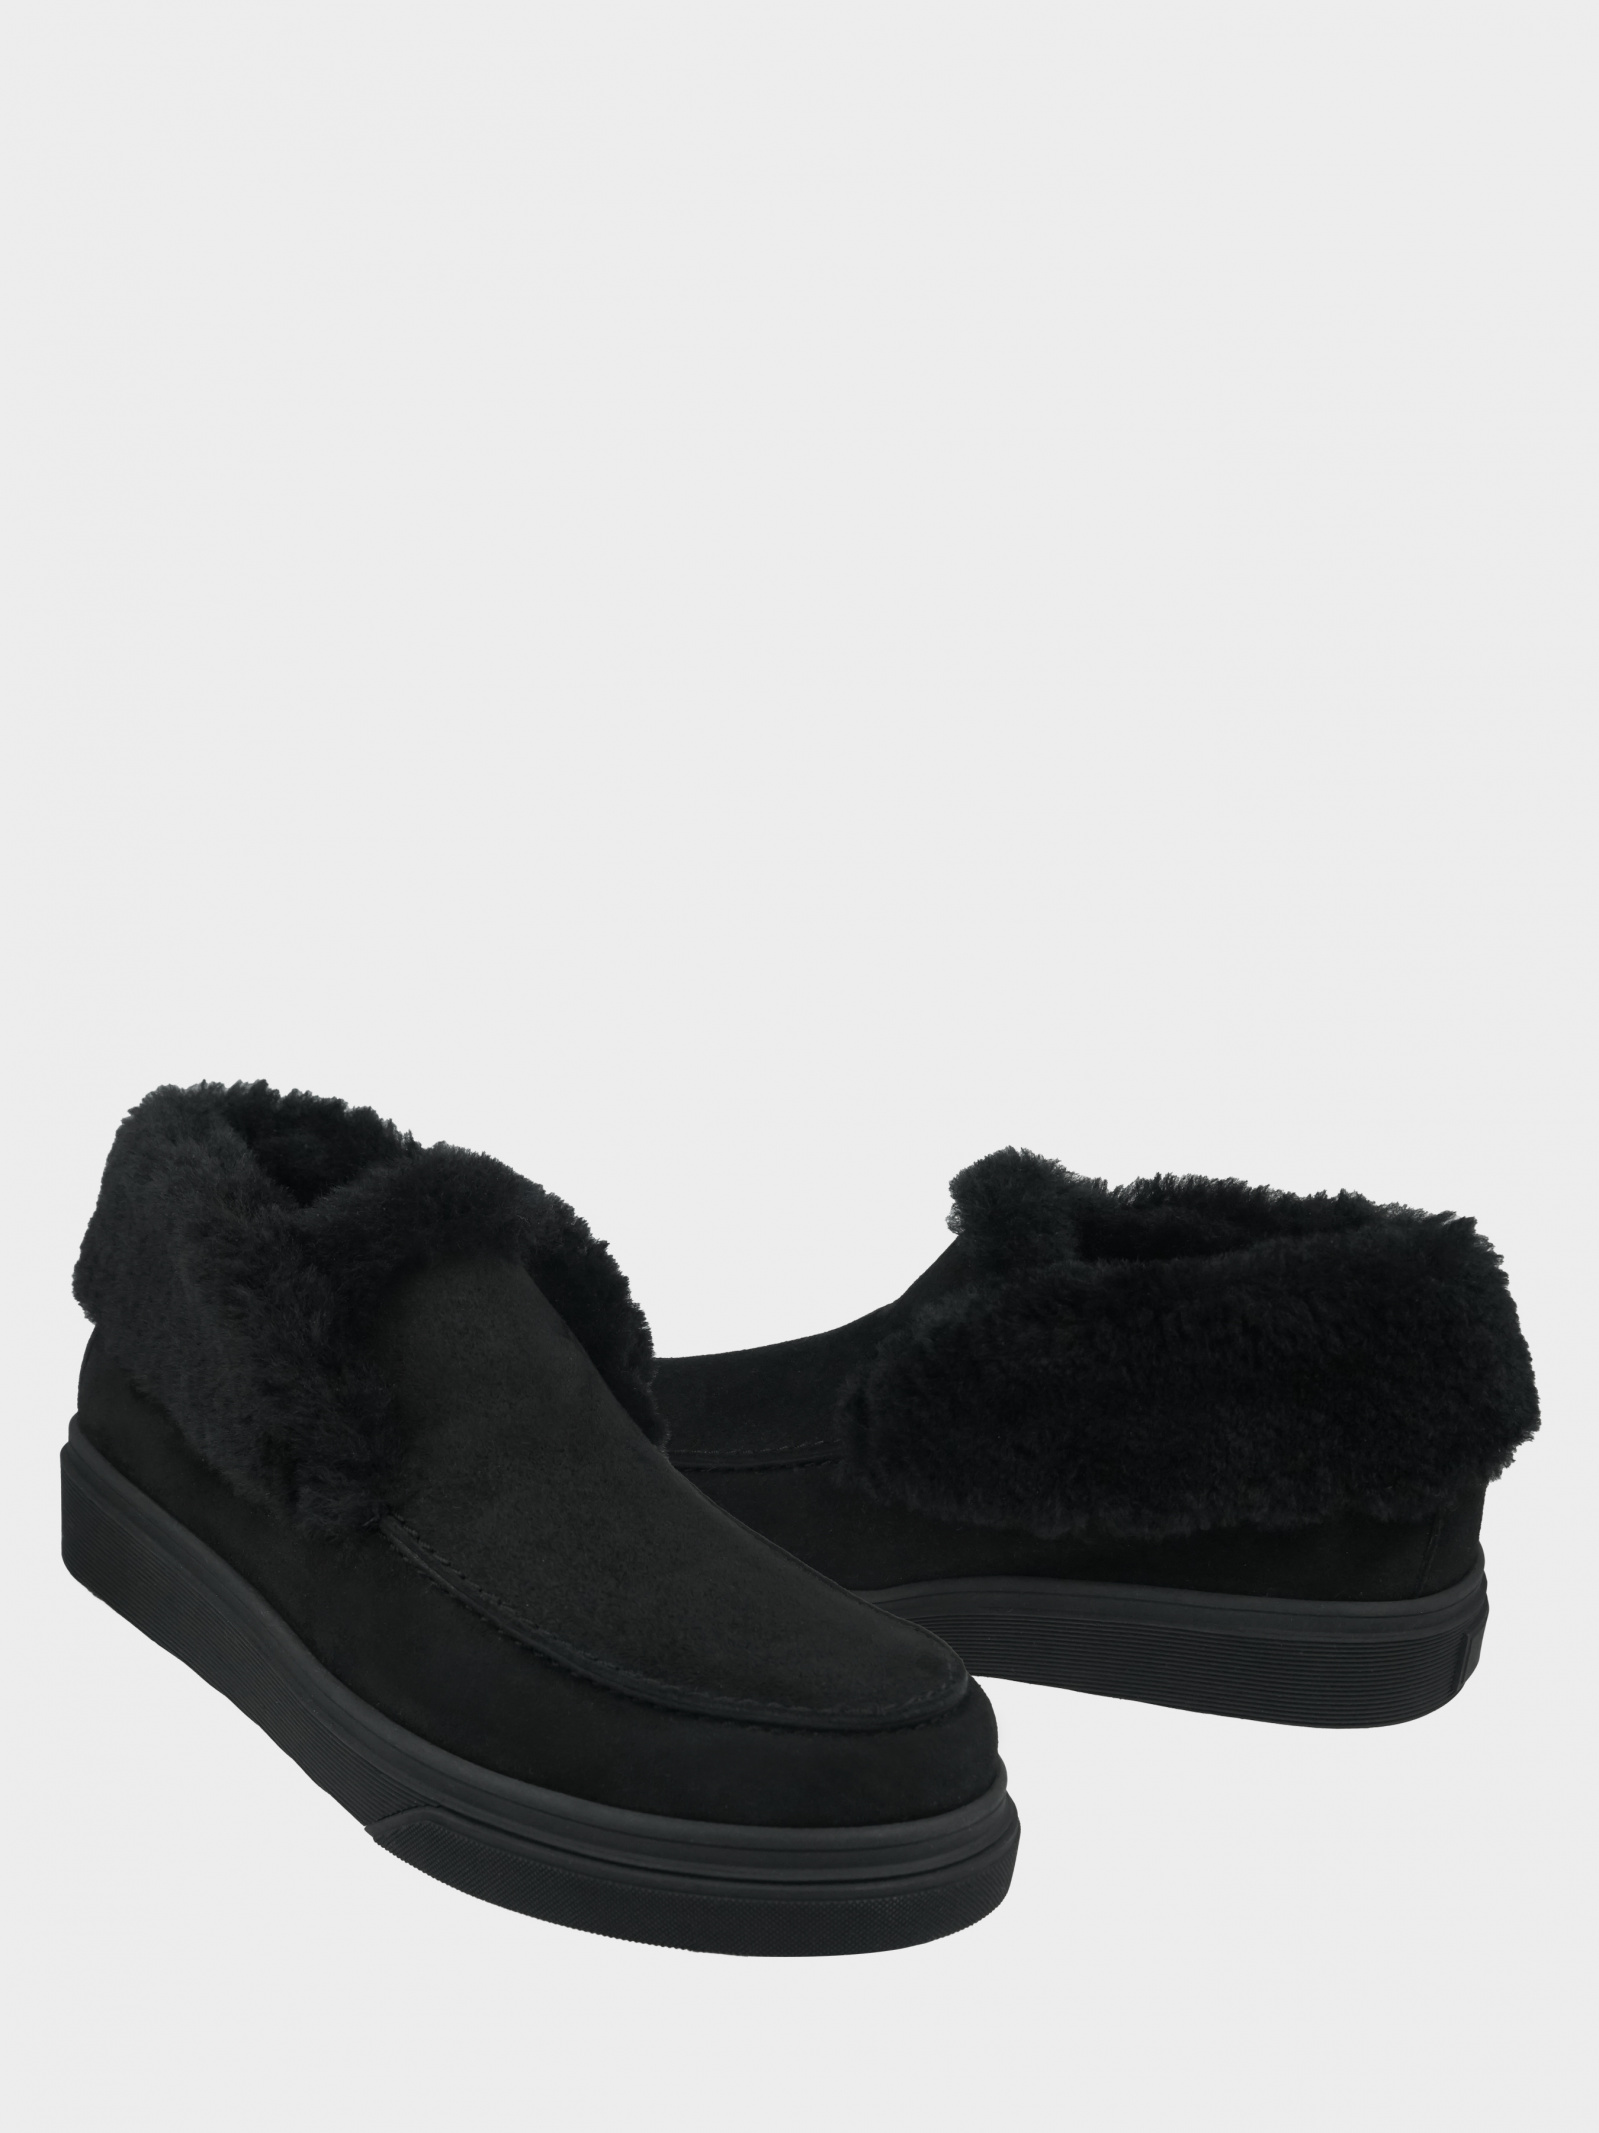 Туфли женские LiONEli LZ6422-11 размерная сетка обуви, 2017